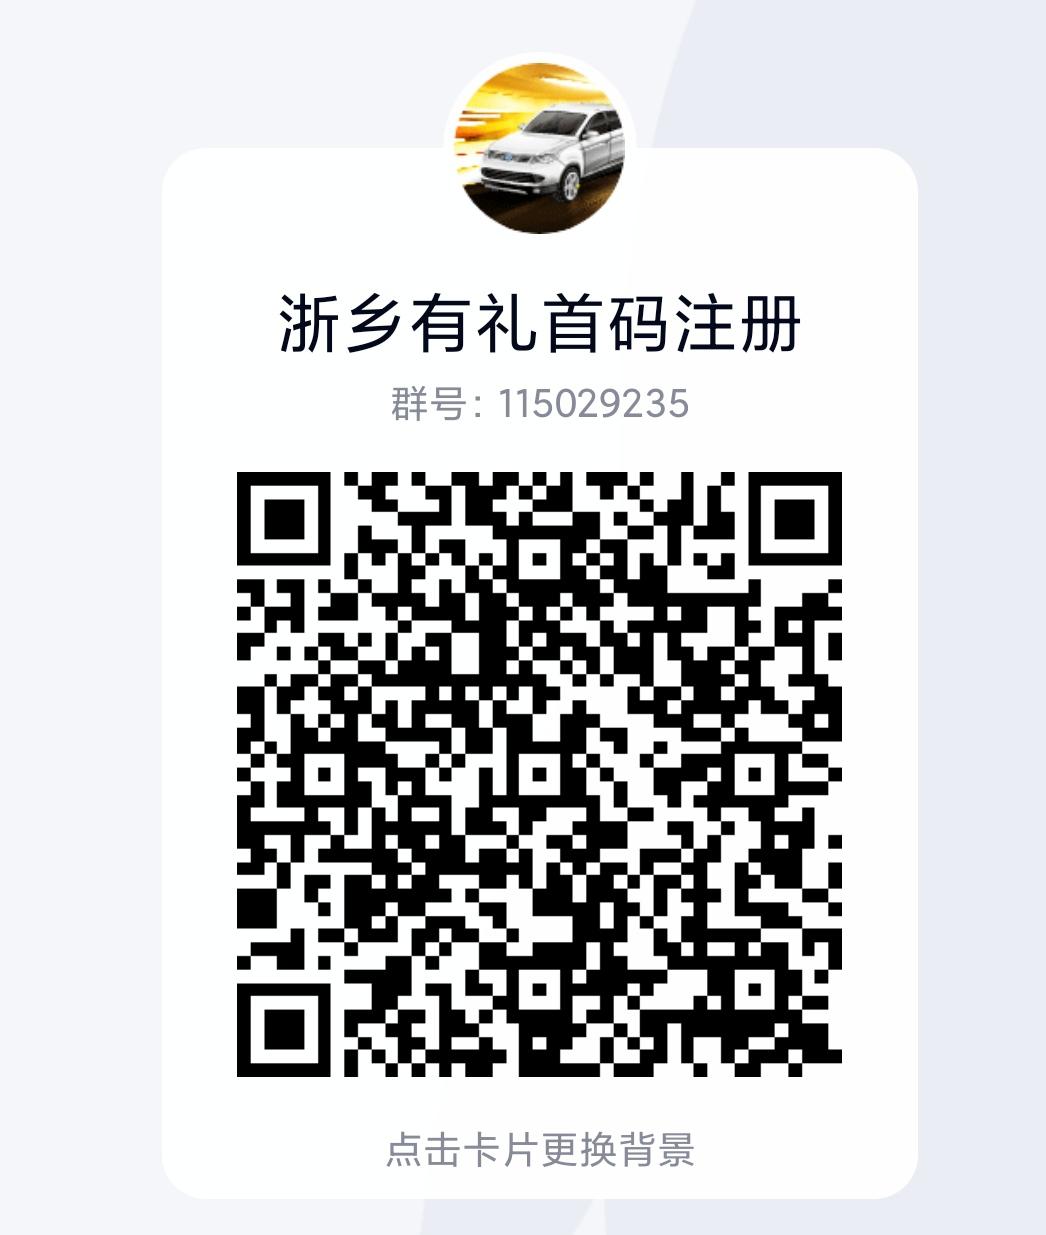 图片[4]-注册领取跳跳奖和抽奖红包,浙乡有礼拼团首码-首码社